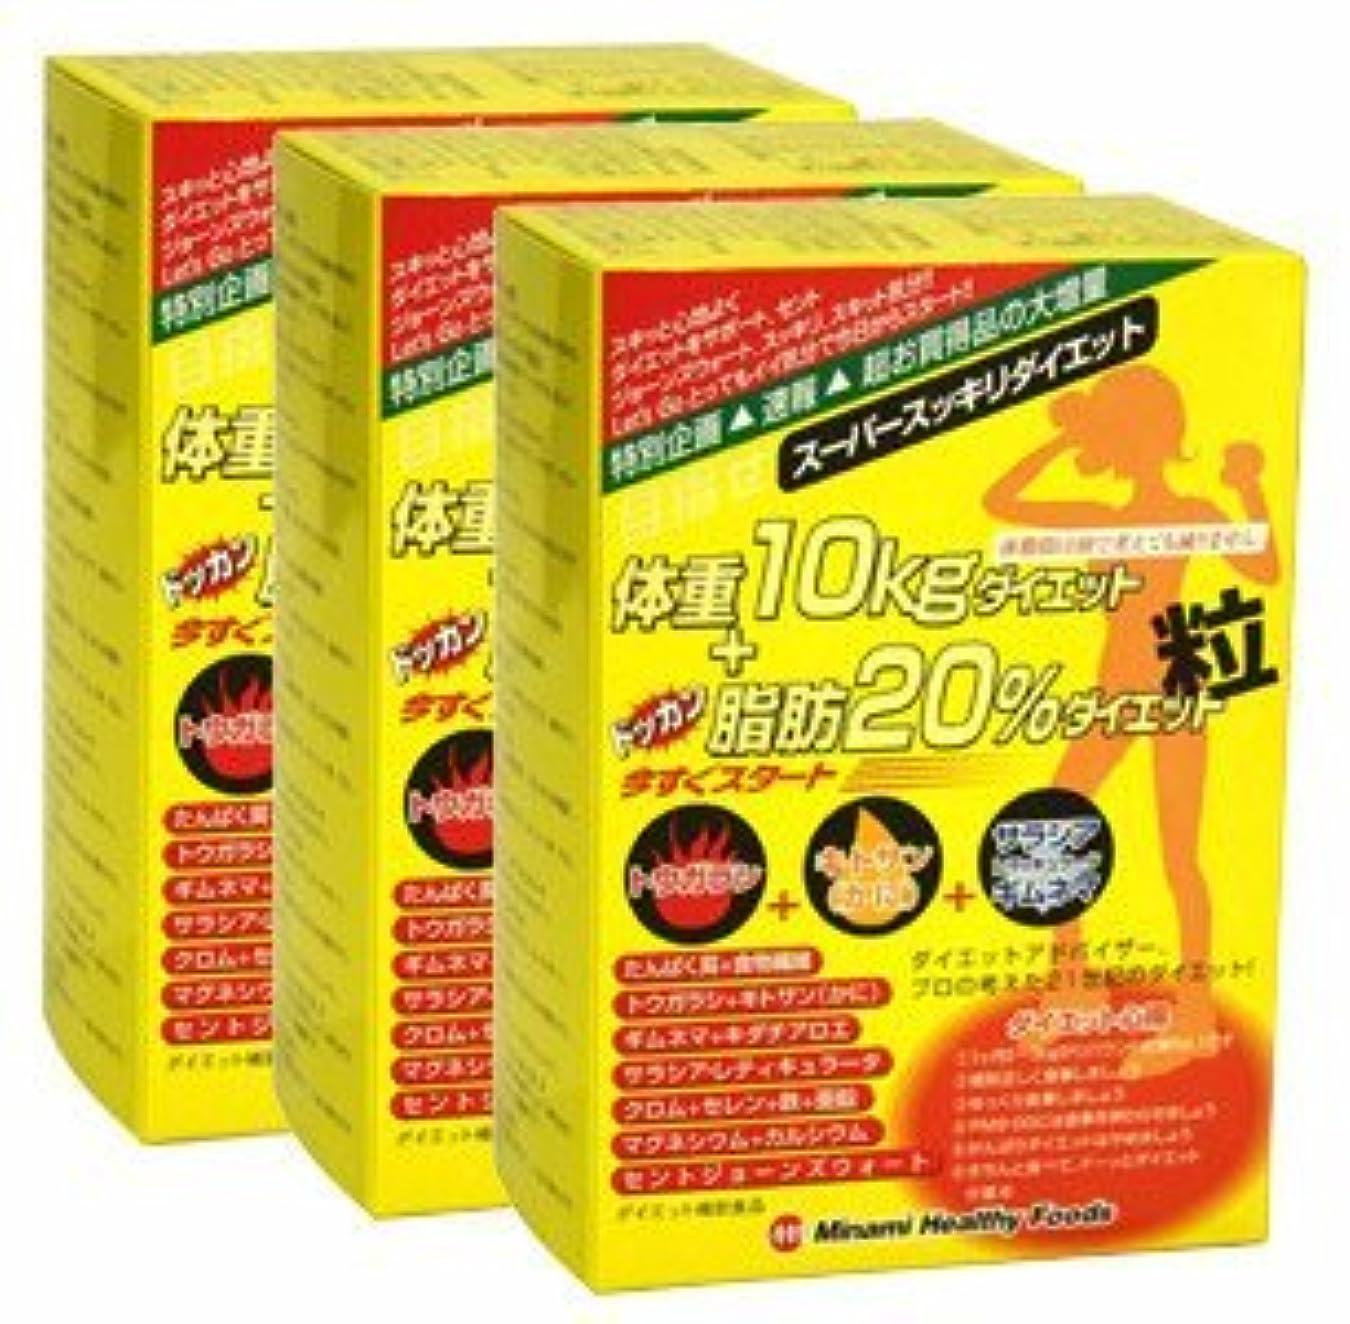 甲虫神経障害殺します目指せ体重10kg+ドッカン脂肪20%ダイエット粒【3箱セット】ミナミヘルシーフーズ